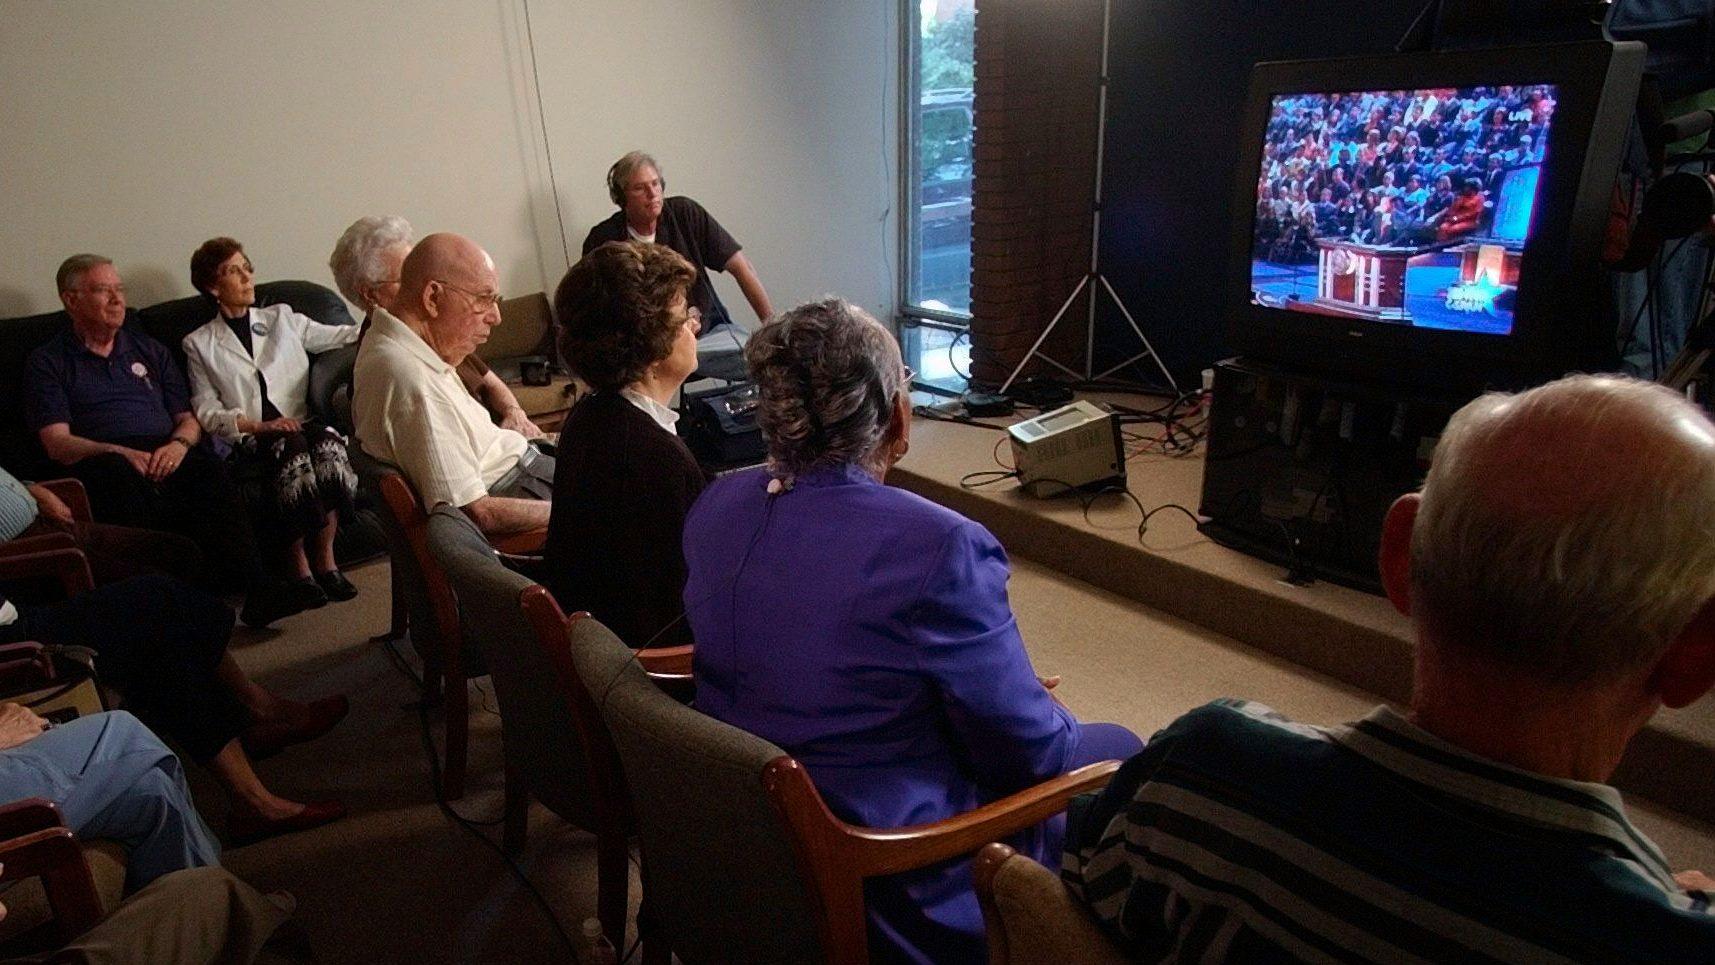 Elderly people in Arkansas watching TV